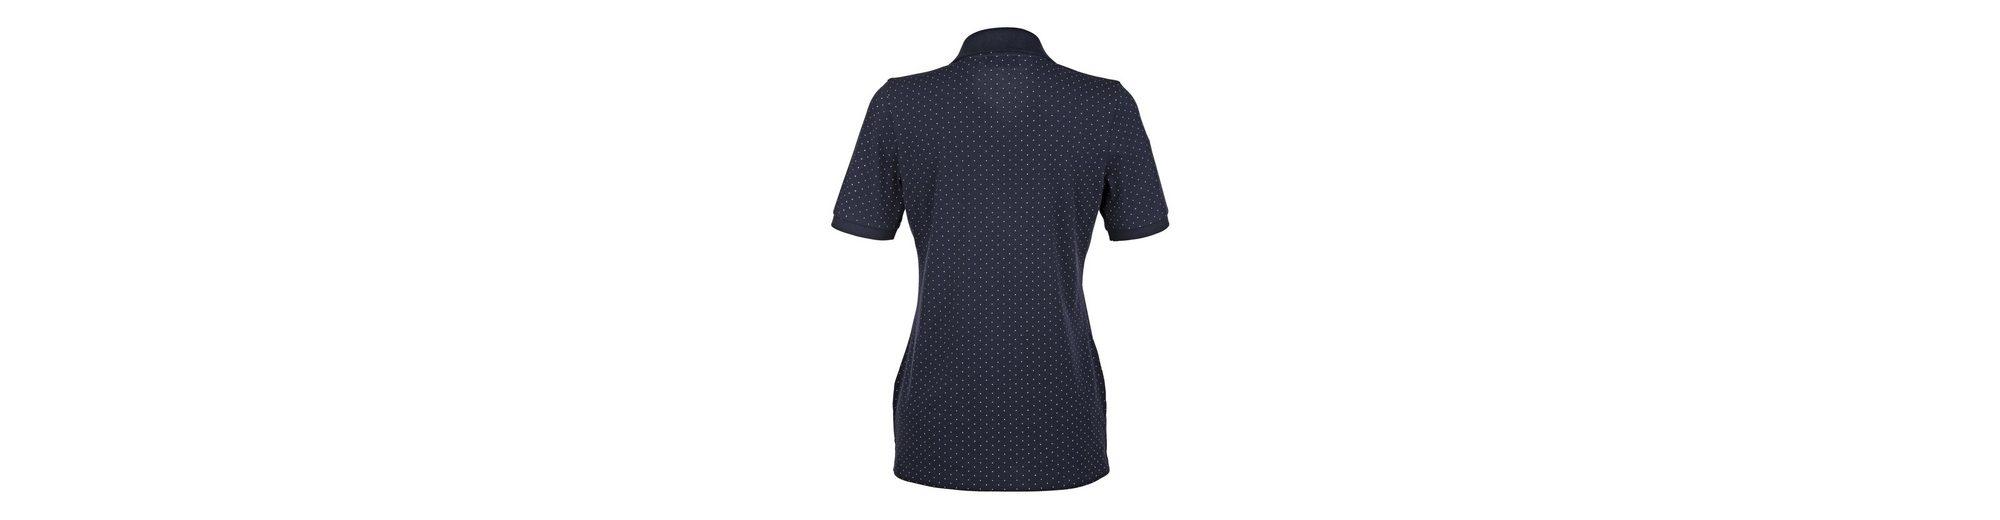 Laura Kent Poloshirt mit süßem Druck Speichern Günstig Online 4rgPVOSXQ1